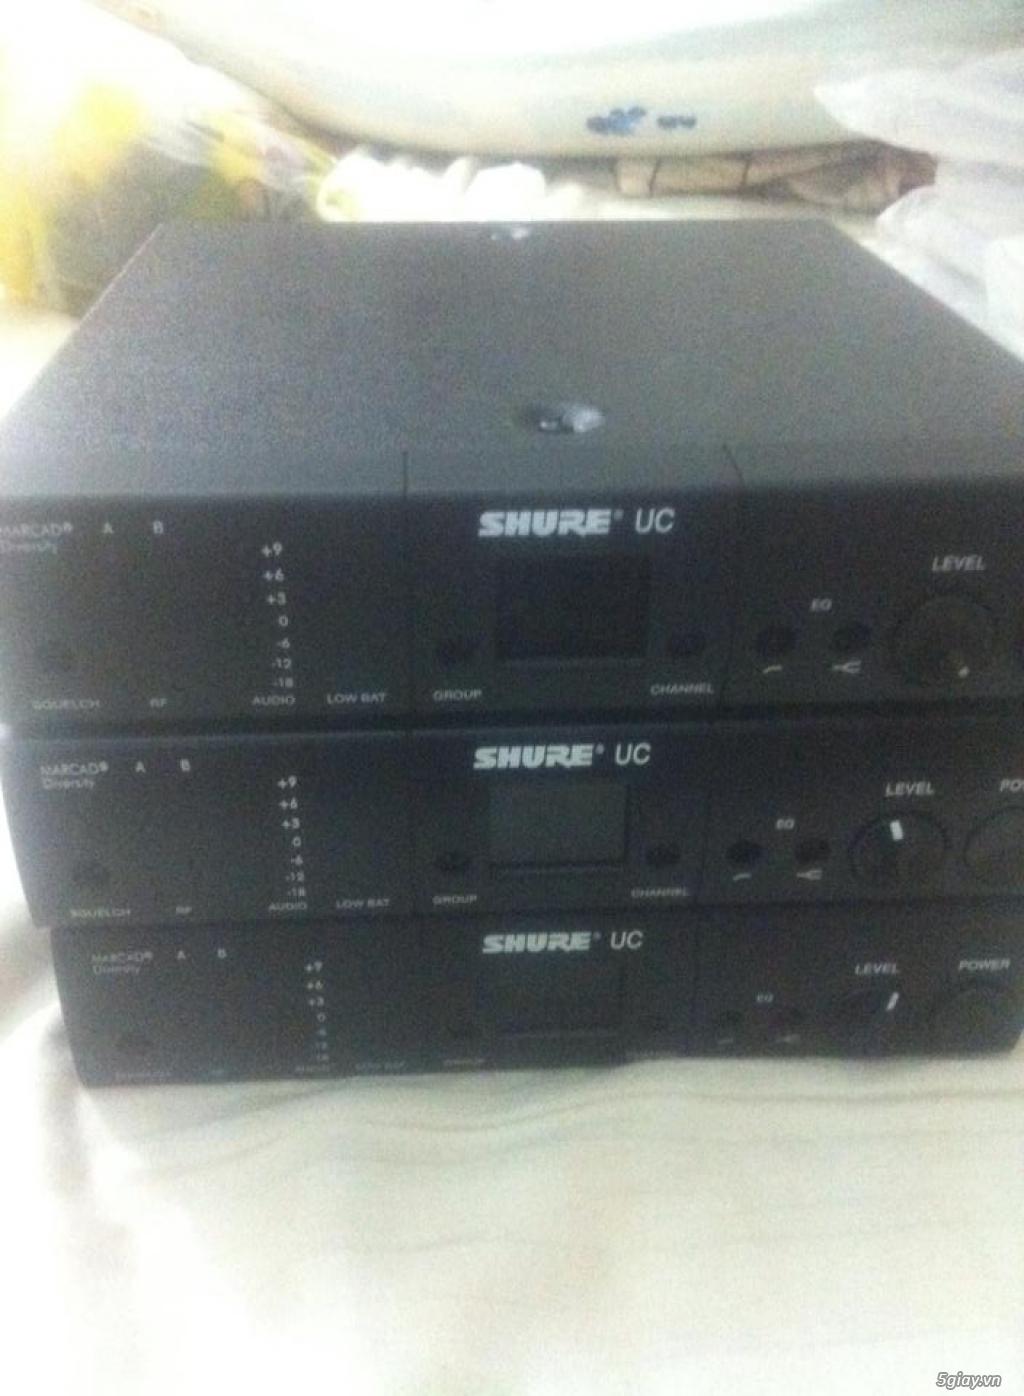 Bán Micro Shure không dây của Mỹ chính hãng ( Shure U4S UA, U4D UA, UC4 UA ) - 10